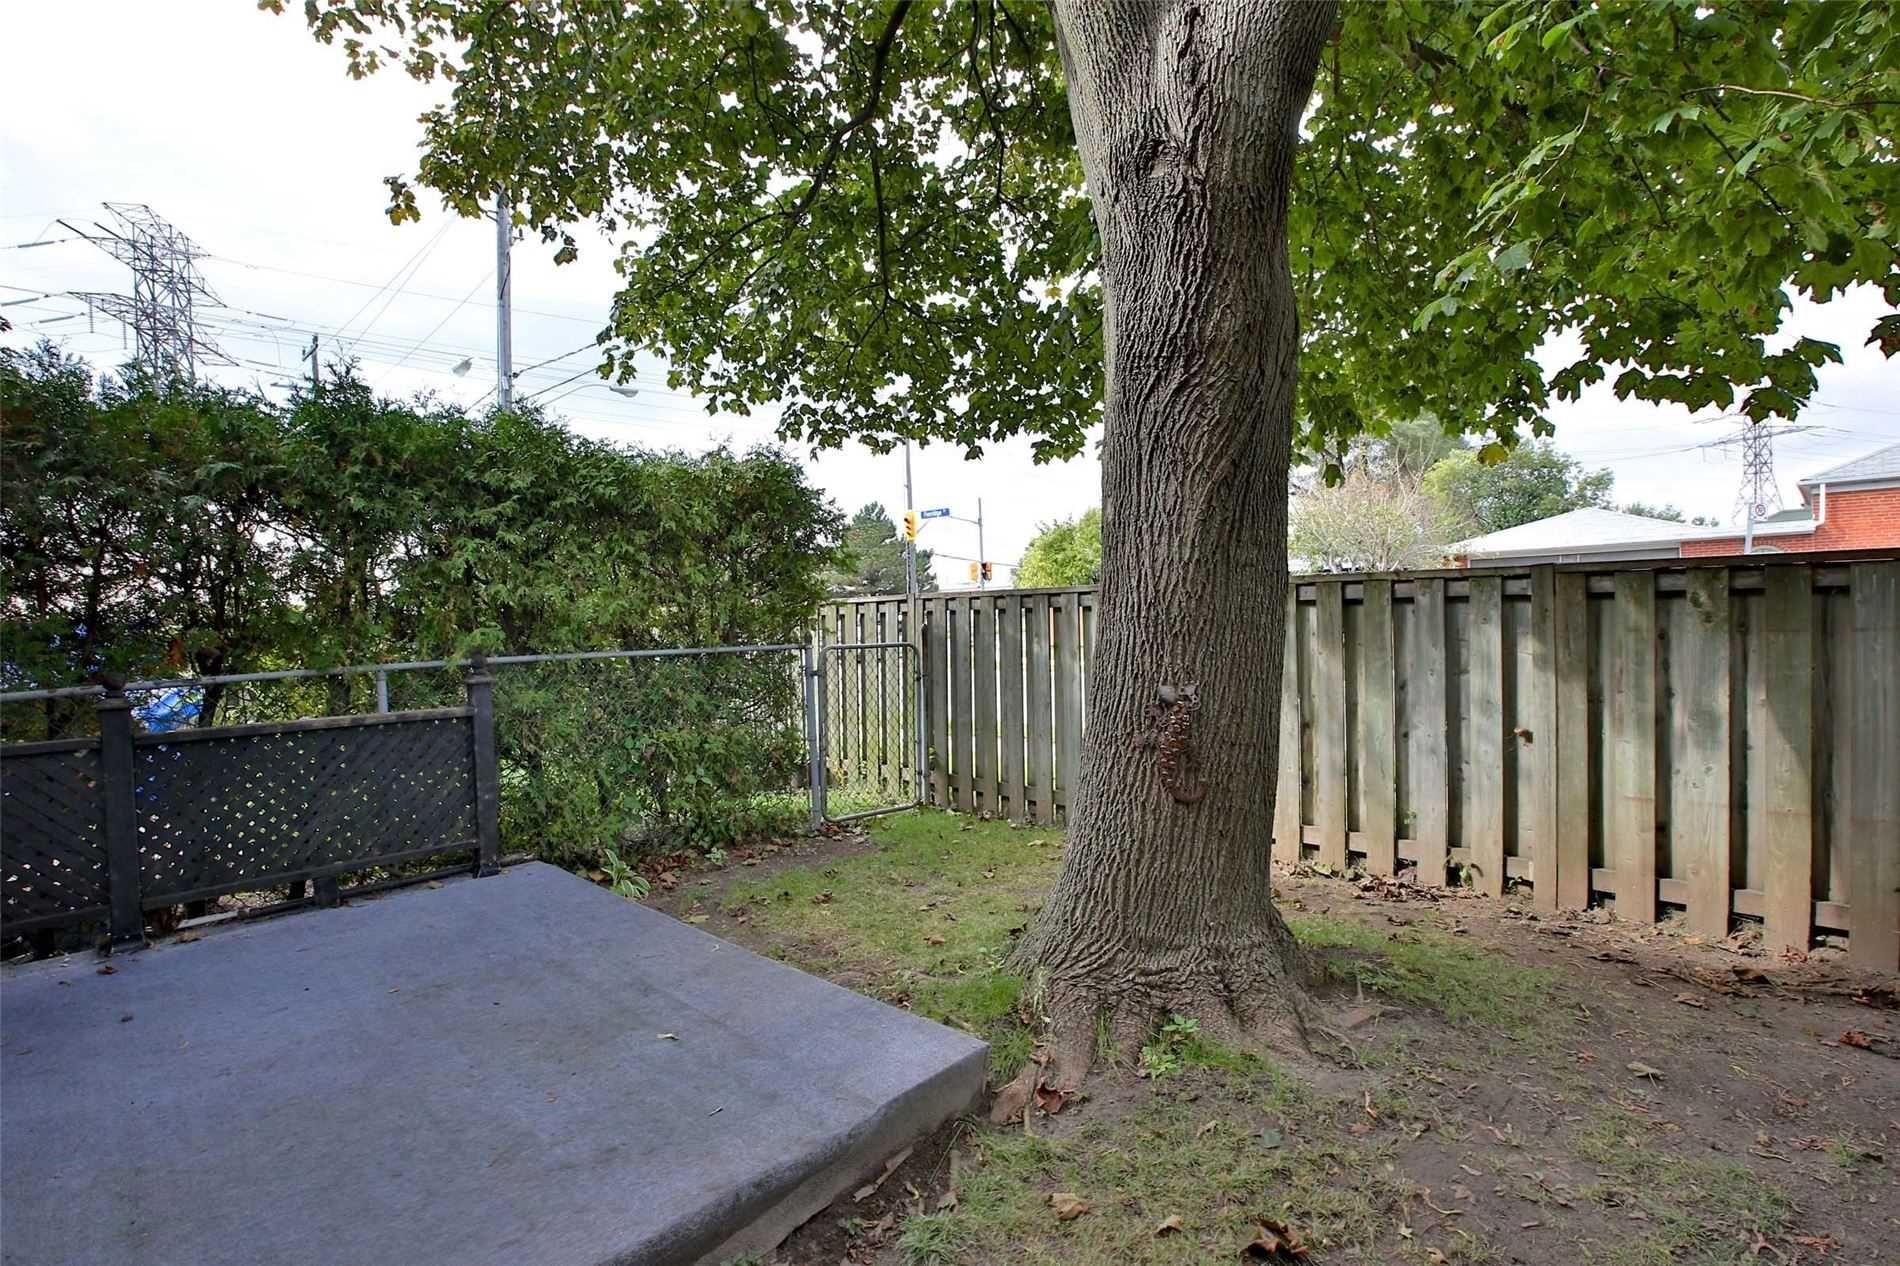 Photo 14: Photos: 8 695 Birchmount Road in Toronto: Kennedy Park Condo for sale (Toronto E04)  : MLS®# E4600623